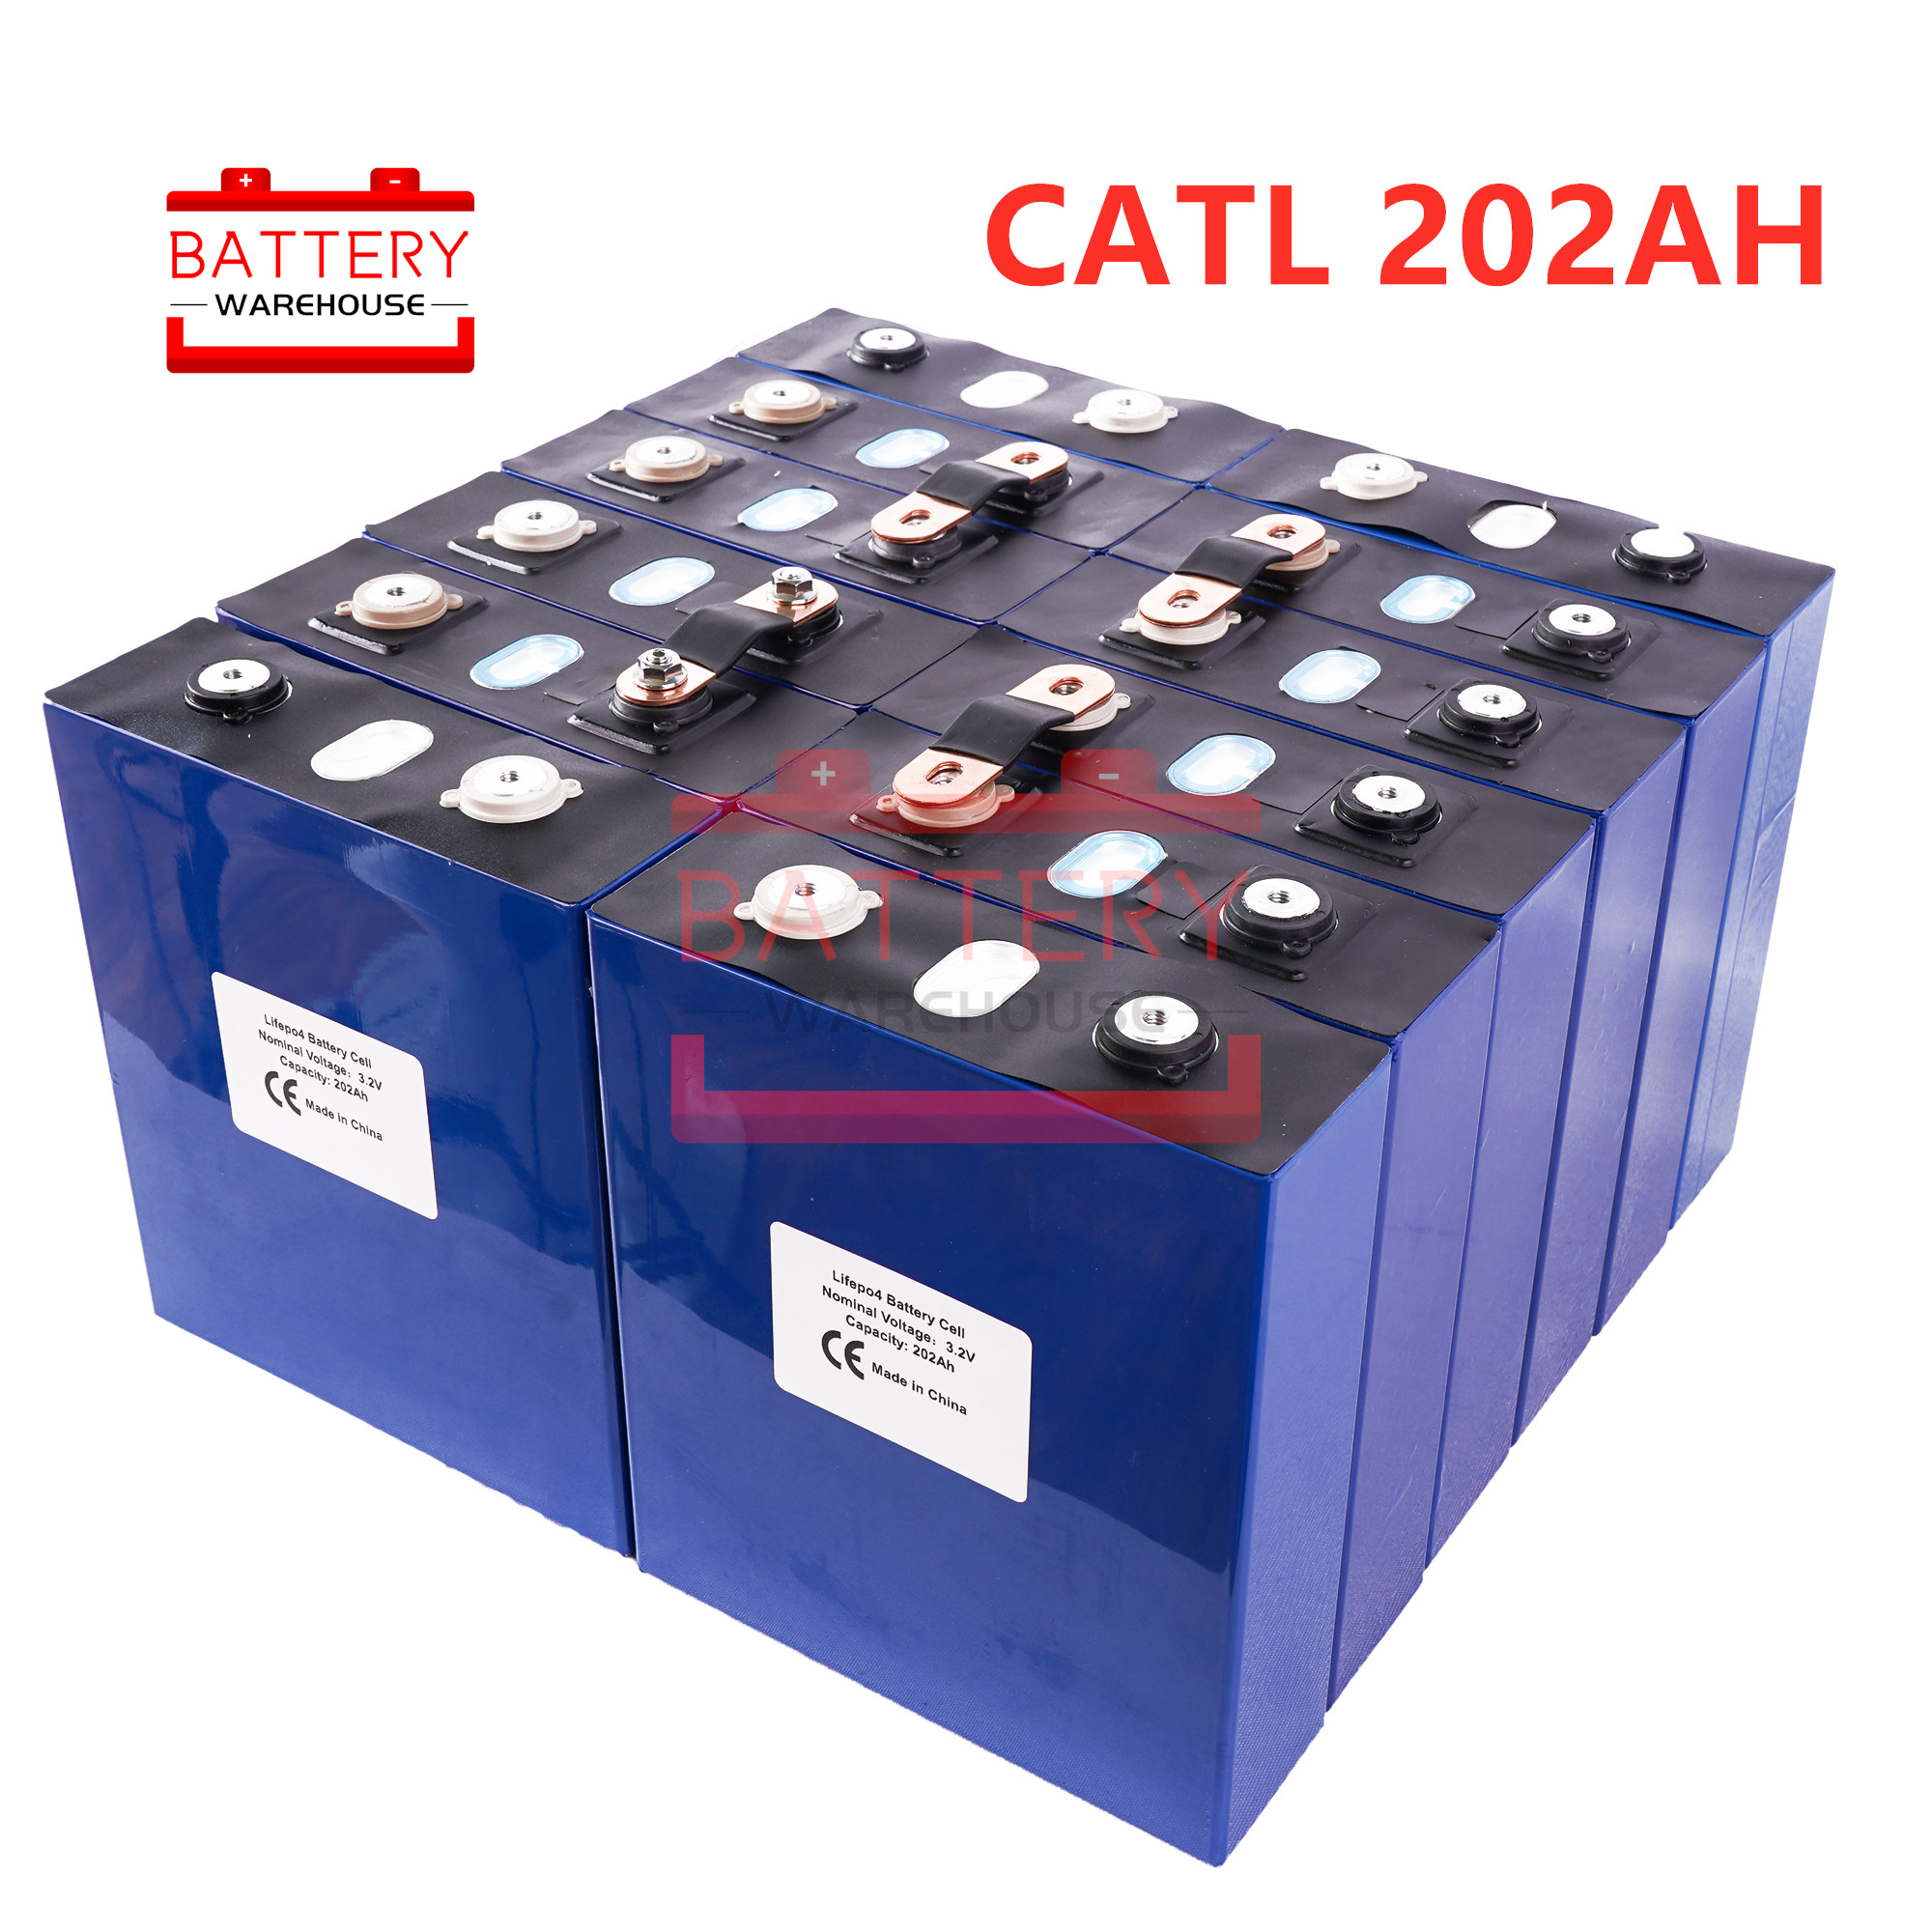 16 pièces CATL LIFEPo4 batterie 3.2v200AH 2019 nouvelles piles rechargeables cellule pour 48V200AH pour RV SOLAR EV Marine ue US taxe sans tva